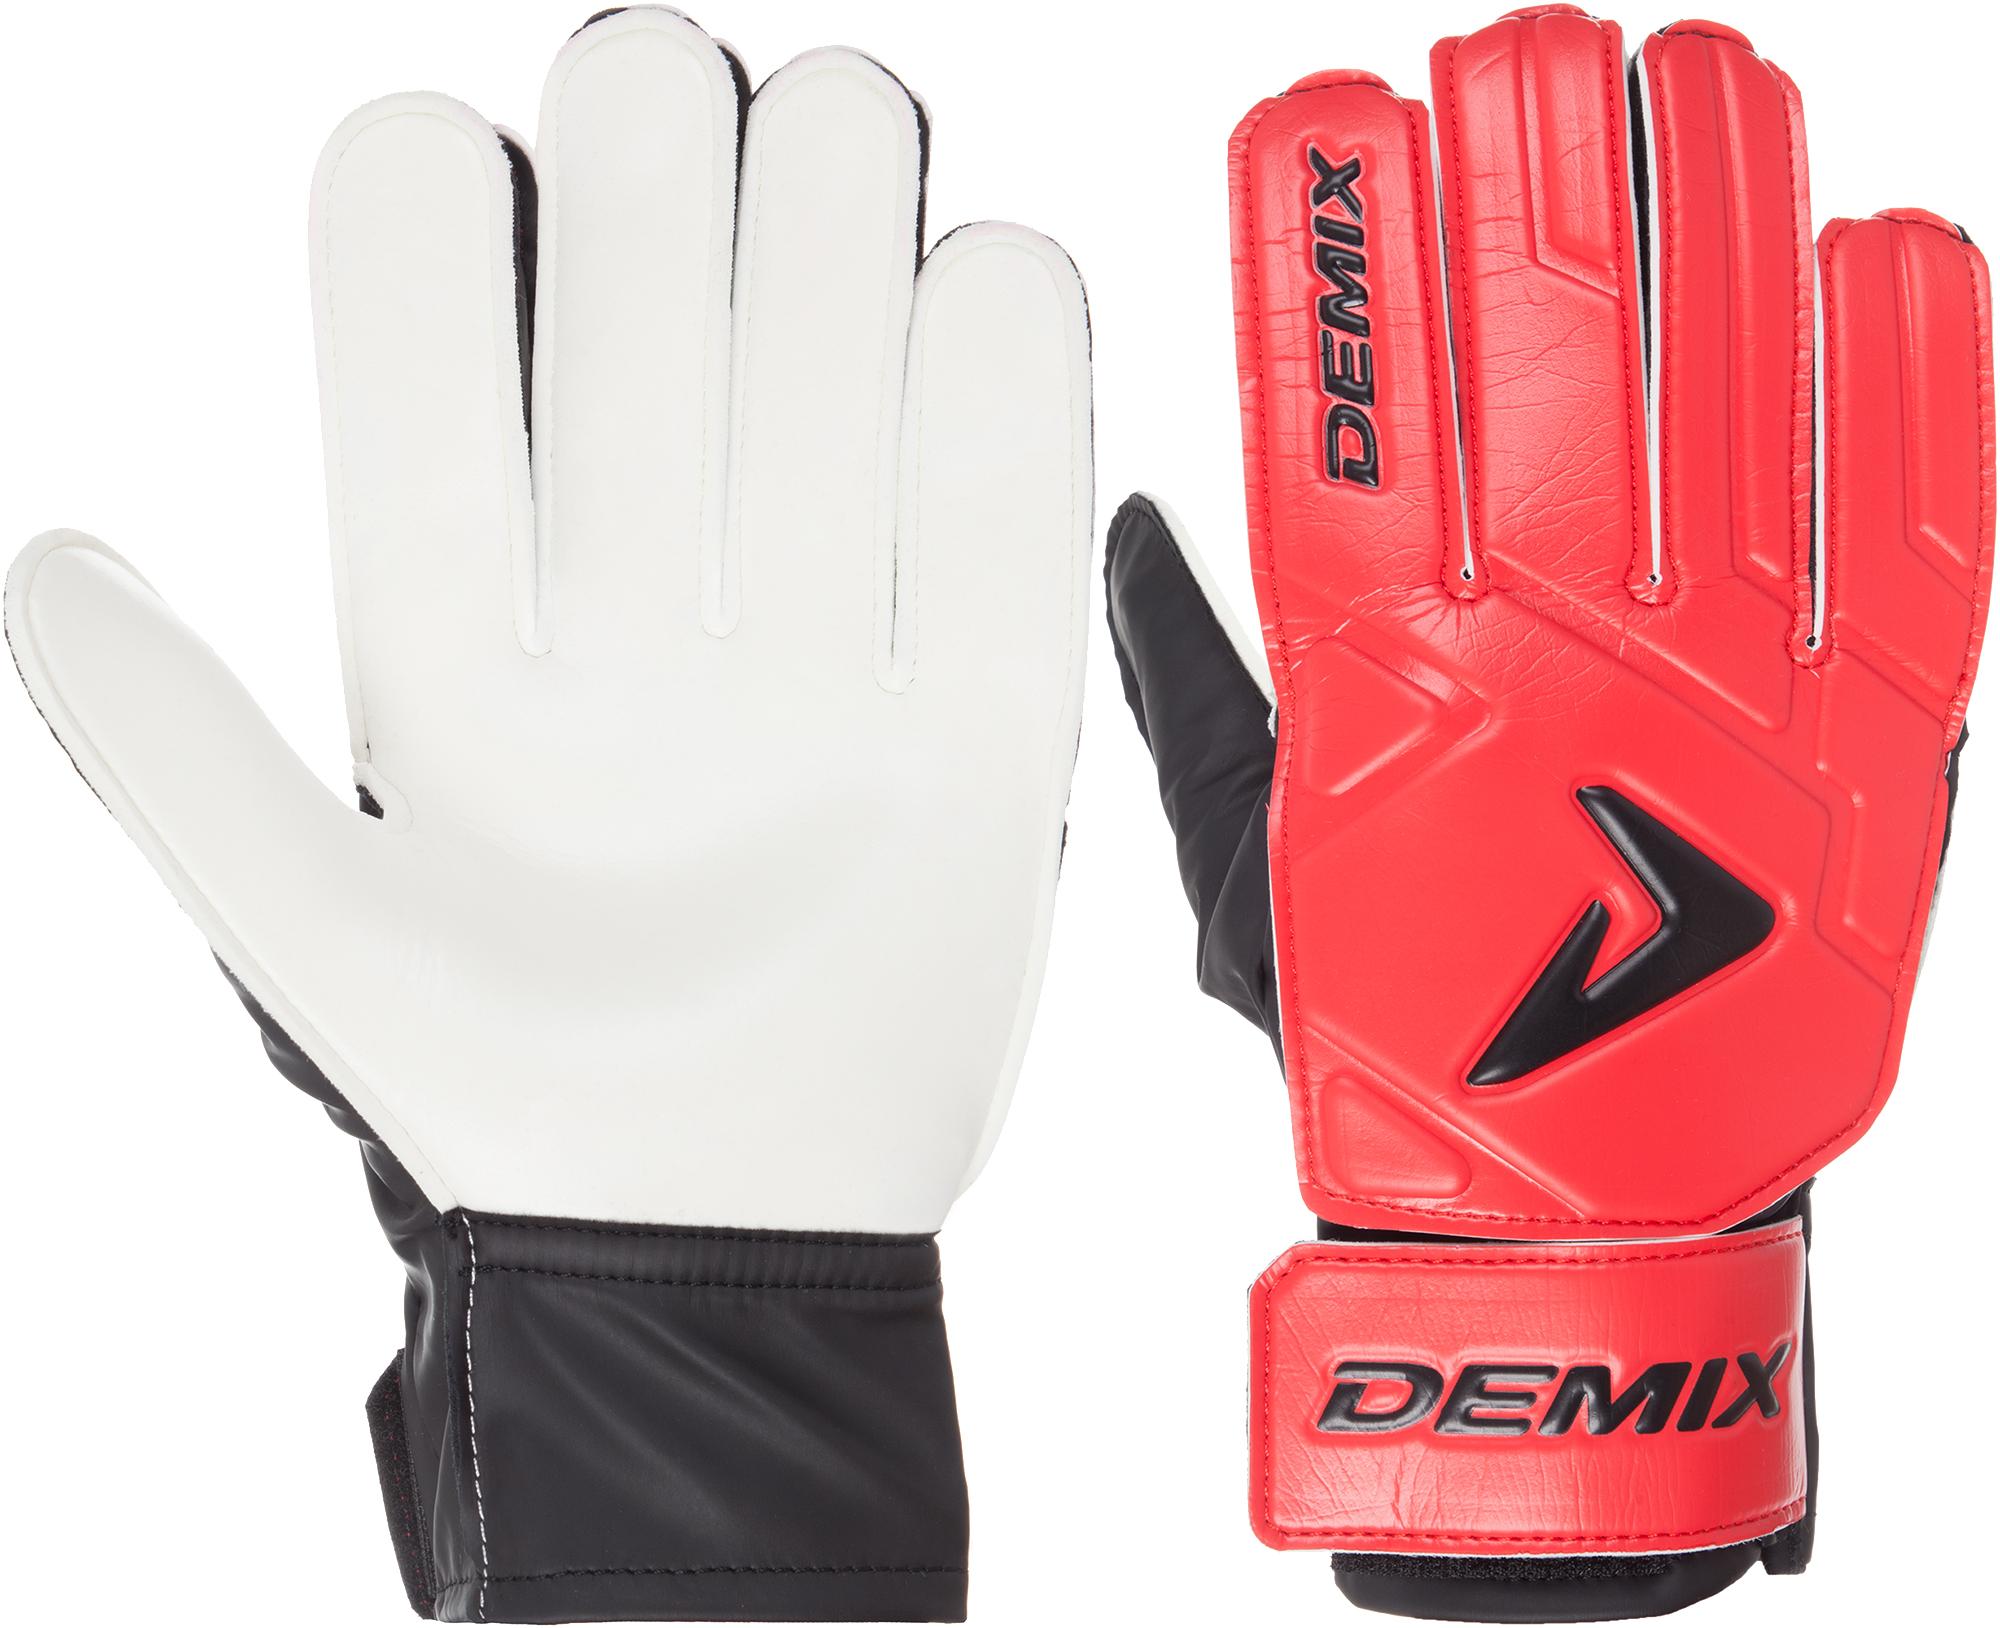 Demix Перчатки вратарские Demix, размер 9 demix перчатки вратарские demix размер 11